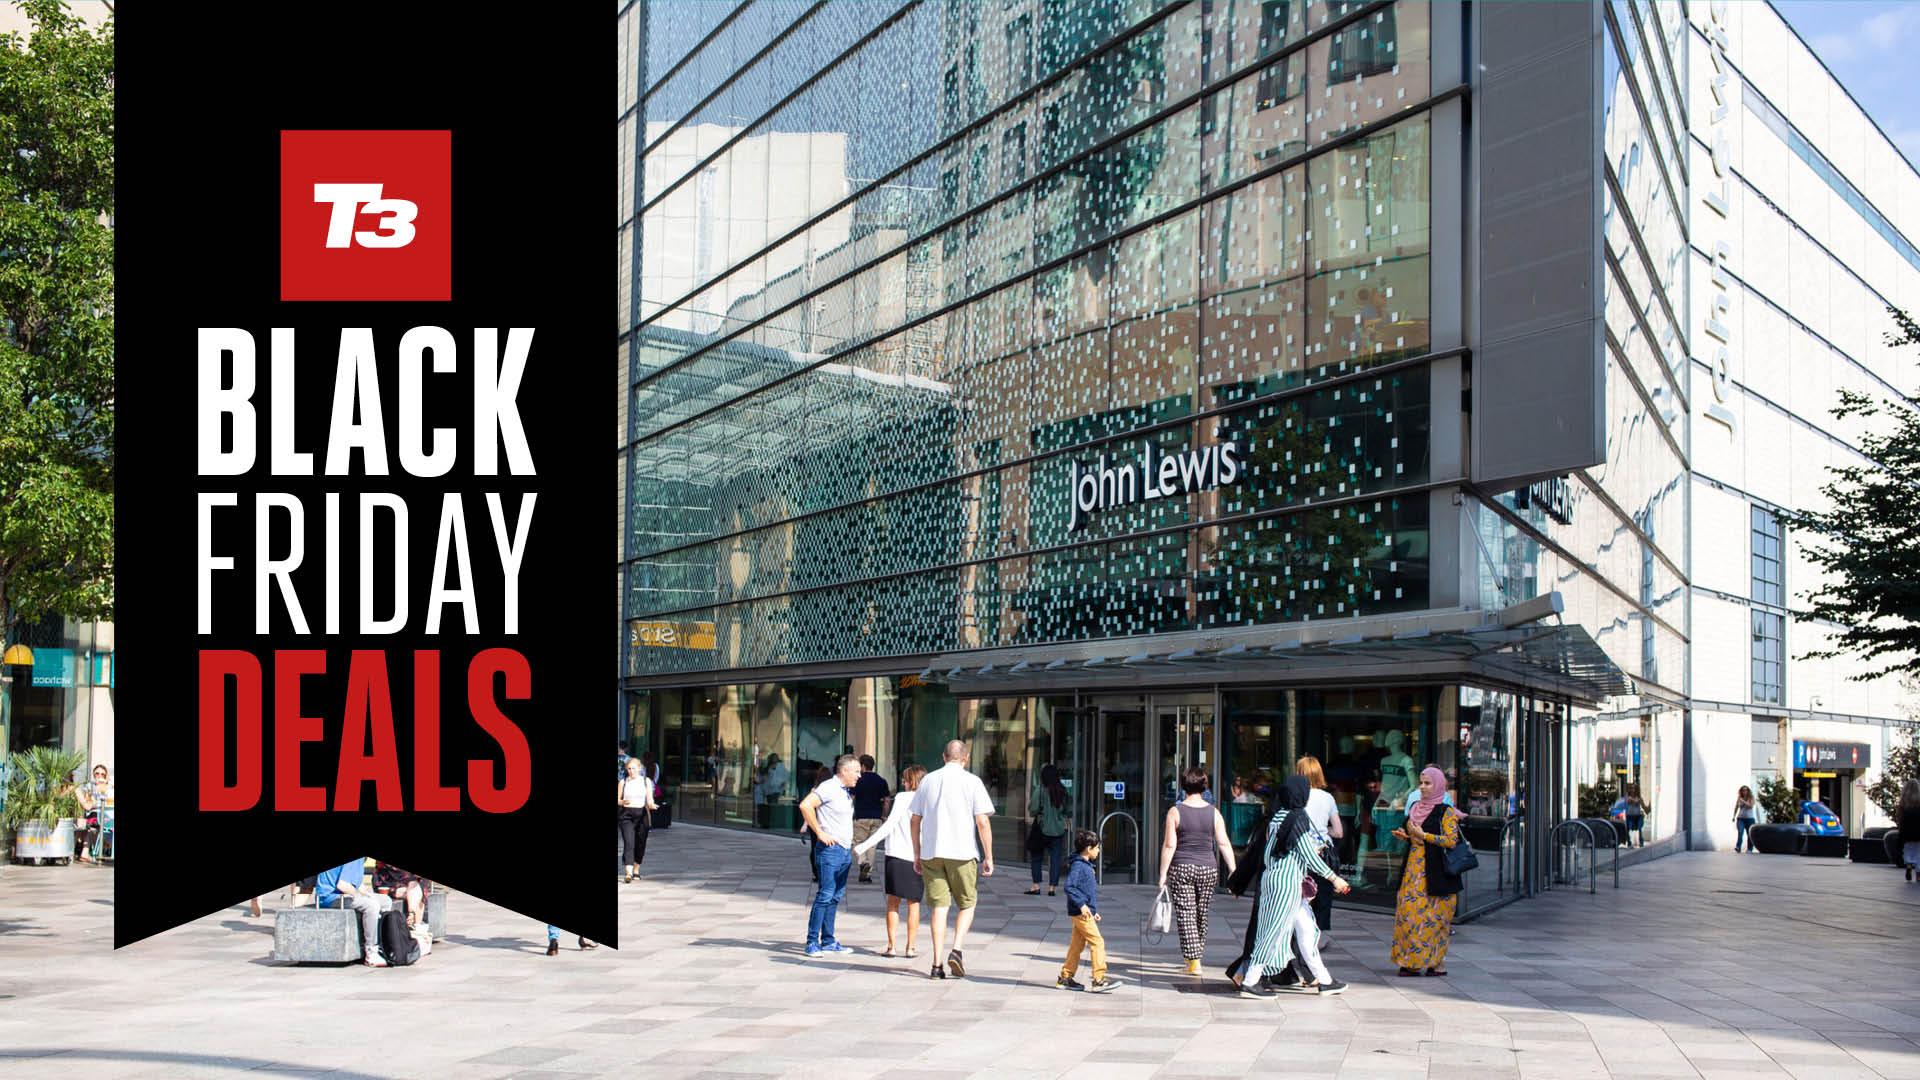 Best John Lewis Black Friday Deals 2020 Means Apple Dyson Le Creuset And Lots Of Kitchen Deals T3